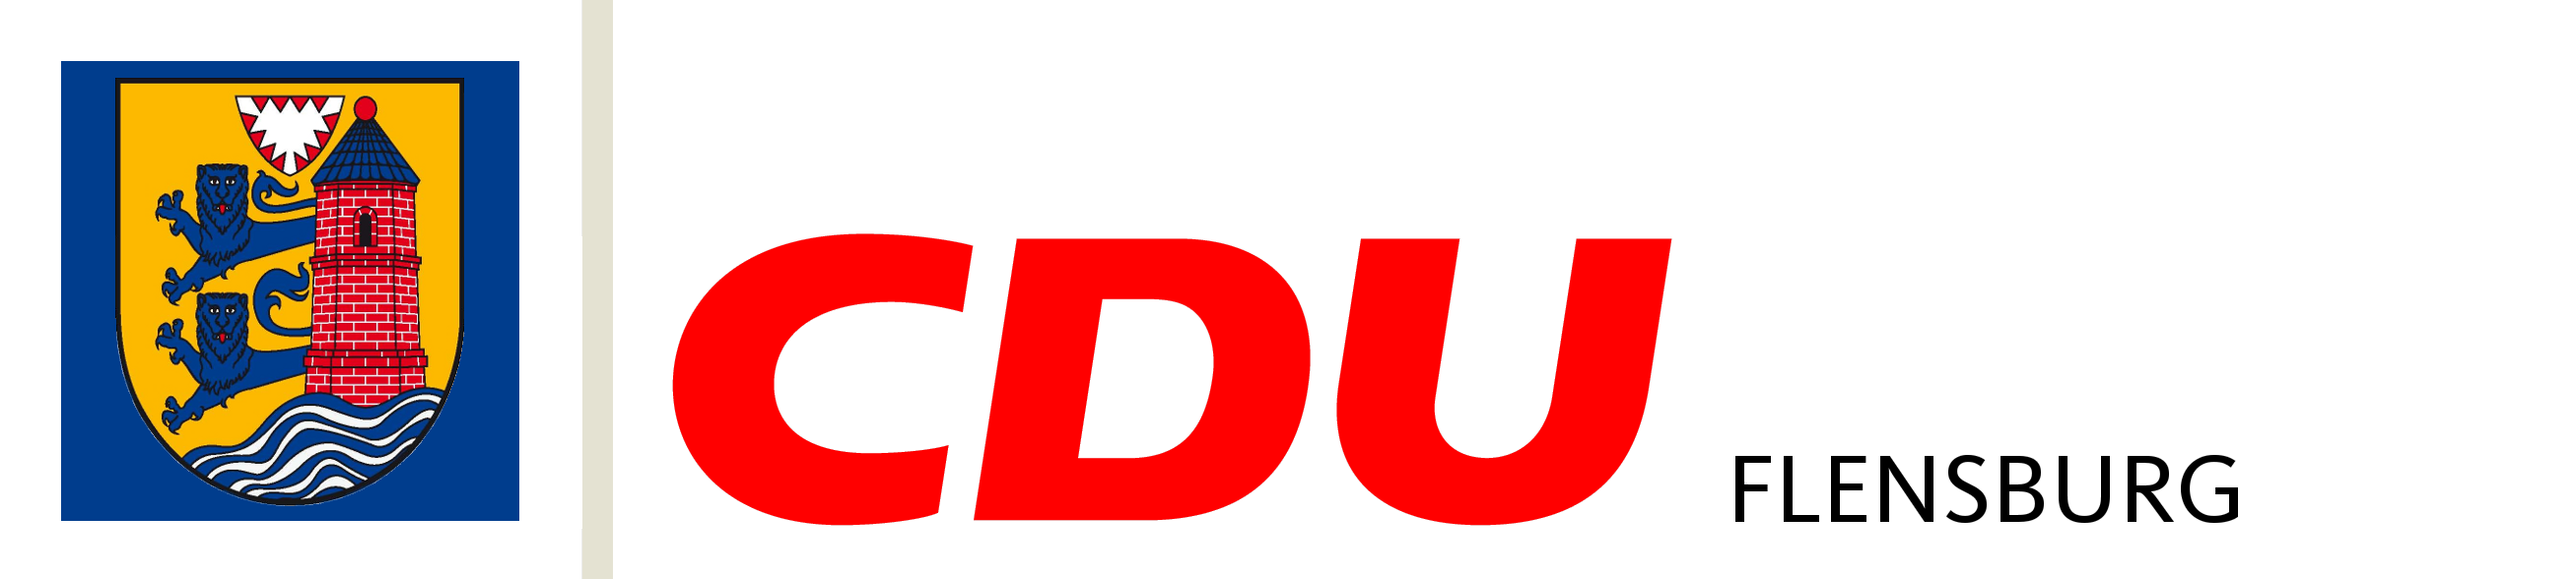 CDU Flensburg